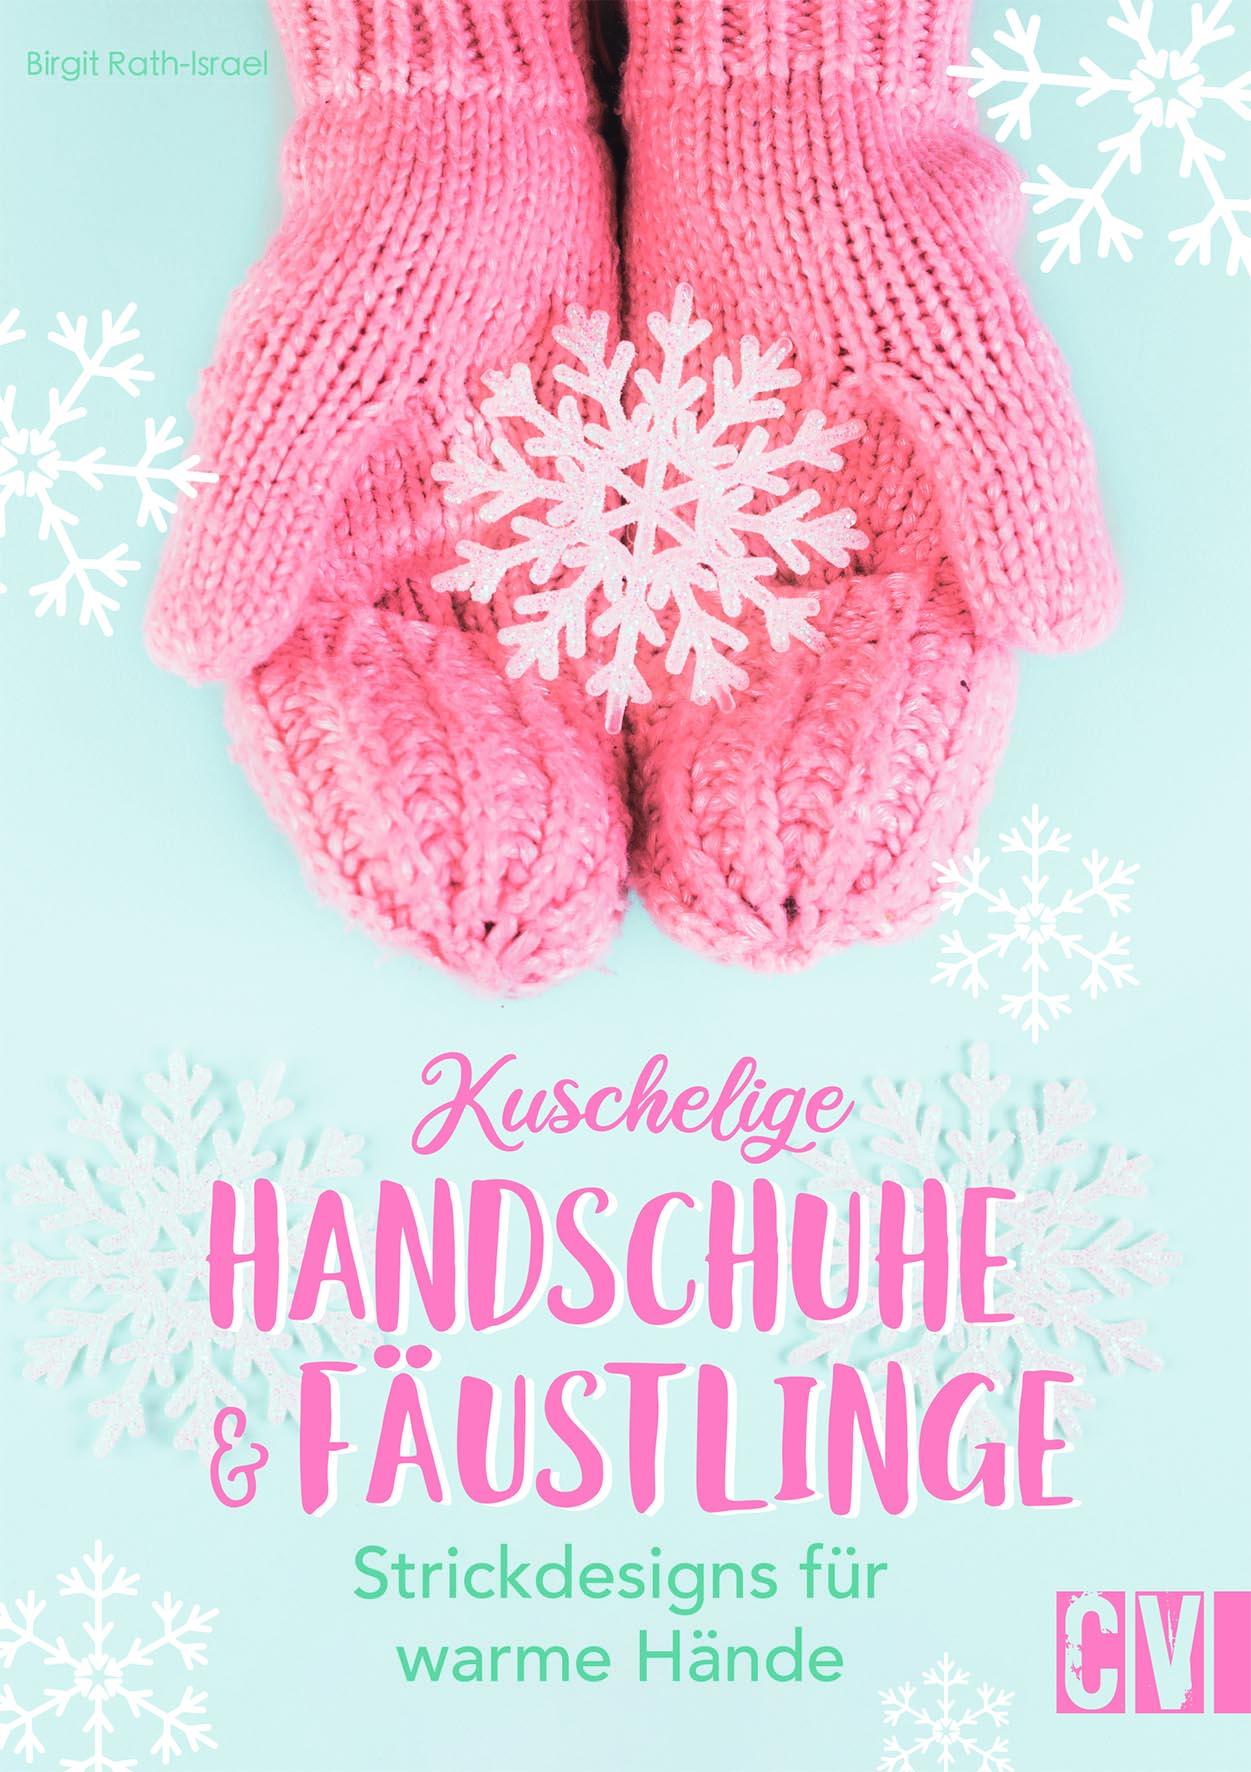 CV 6565 Kuschelige Handschuhe & Fäustlinge